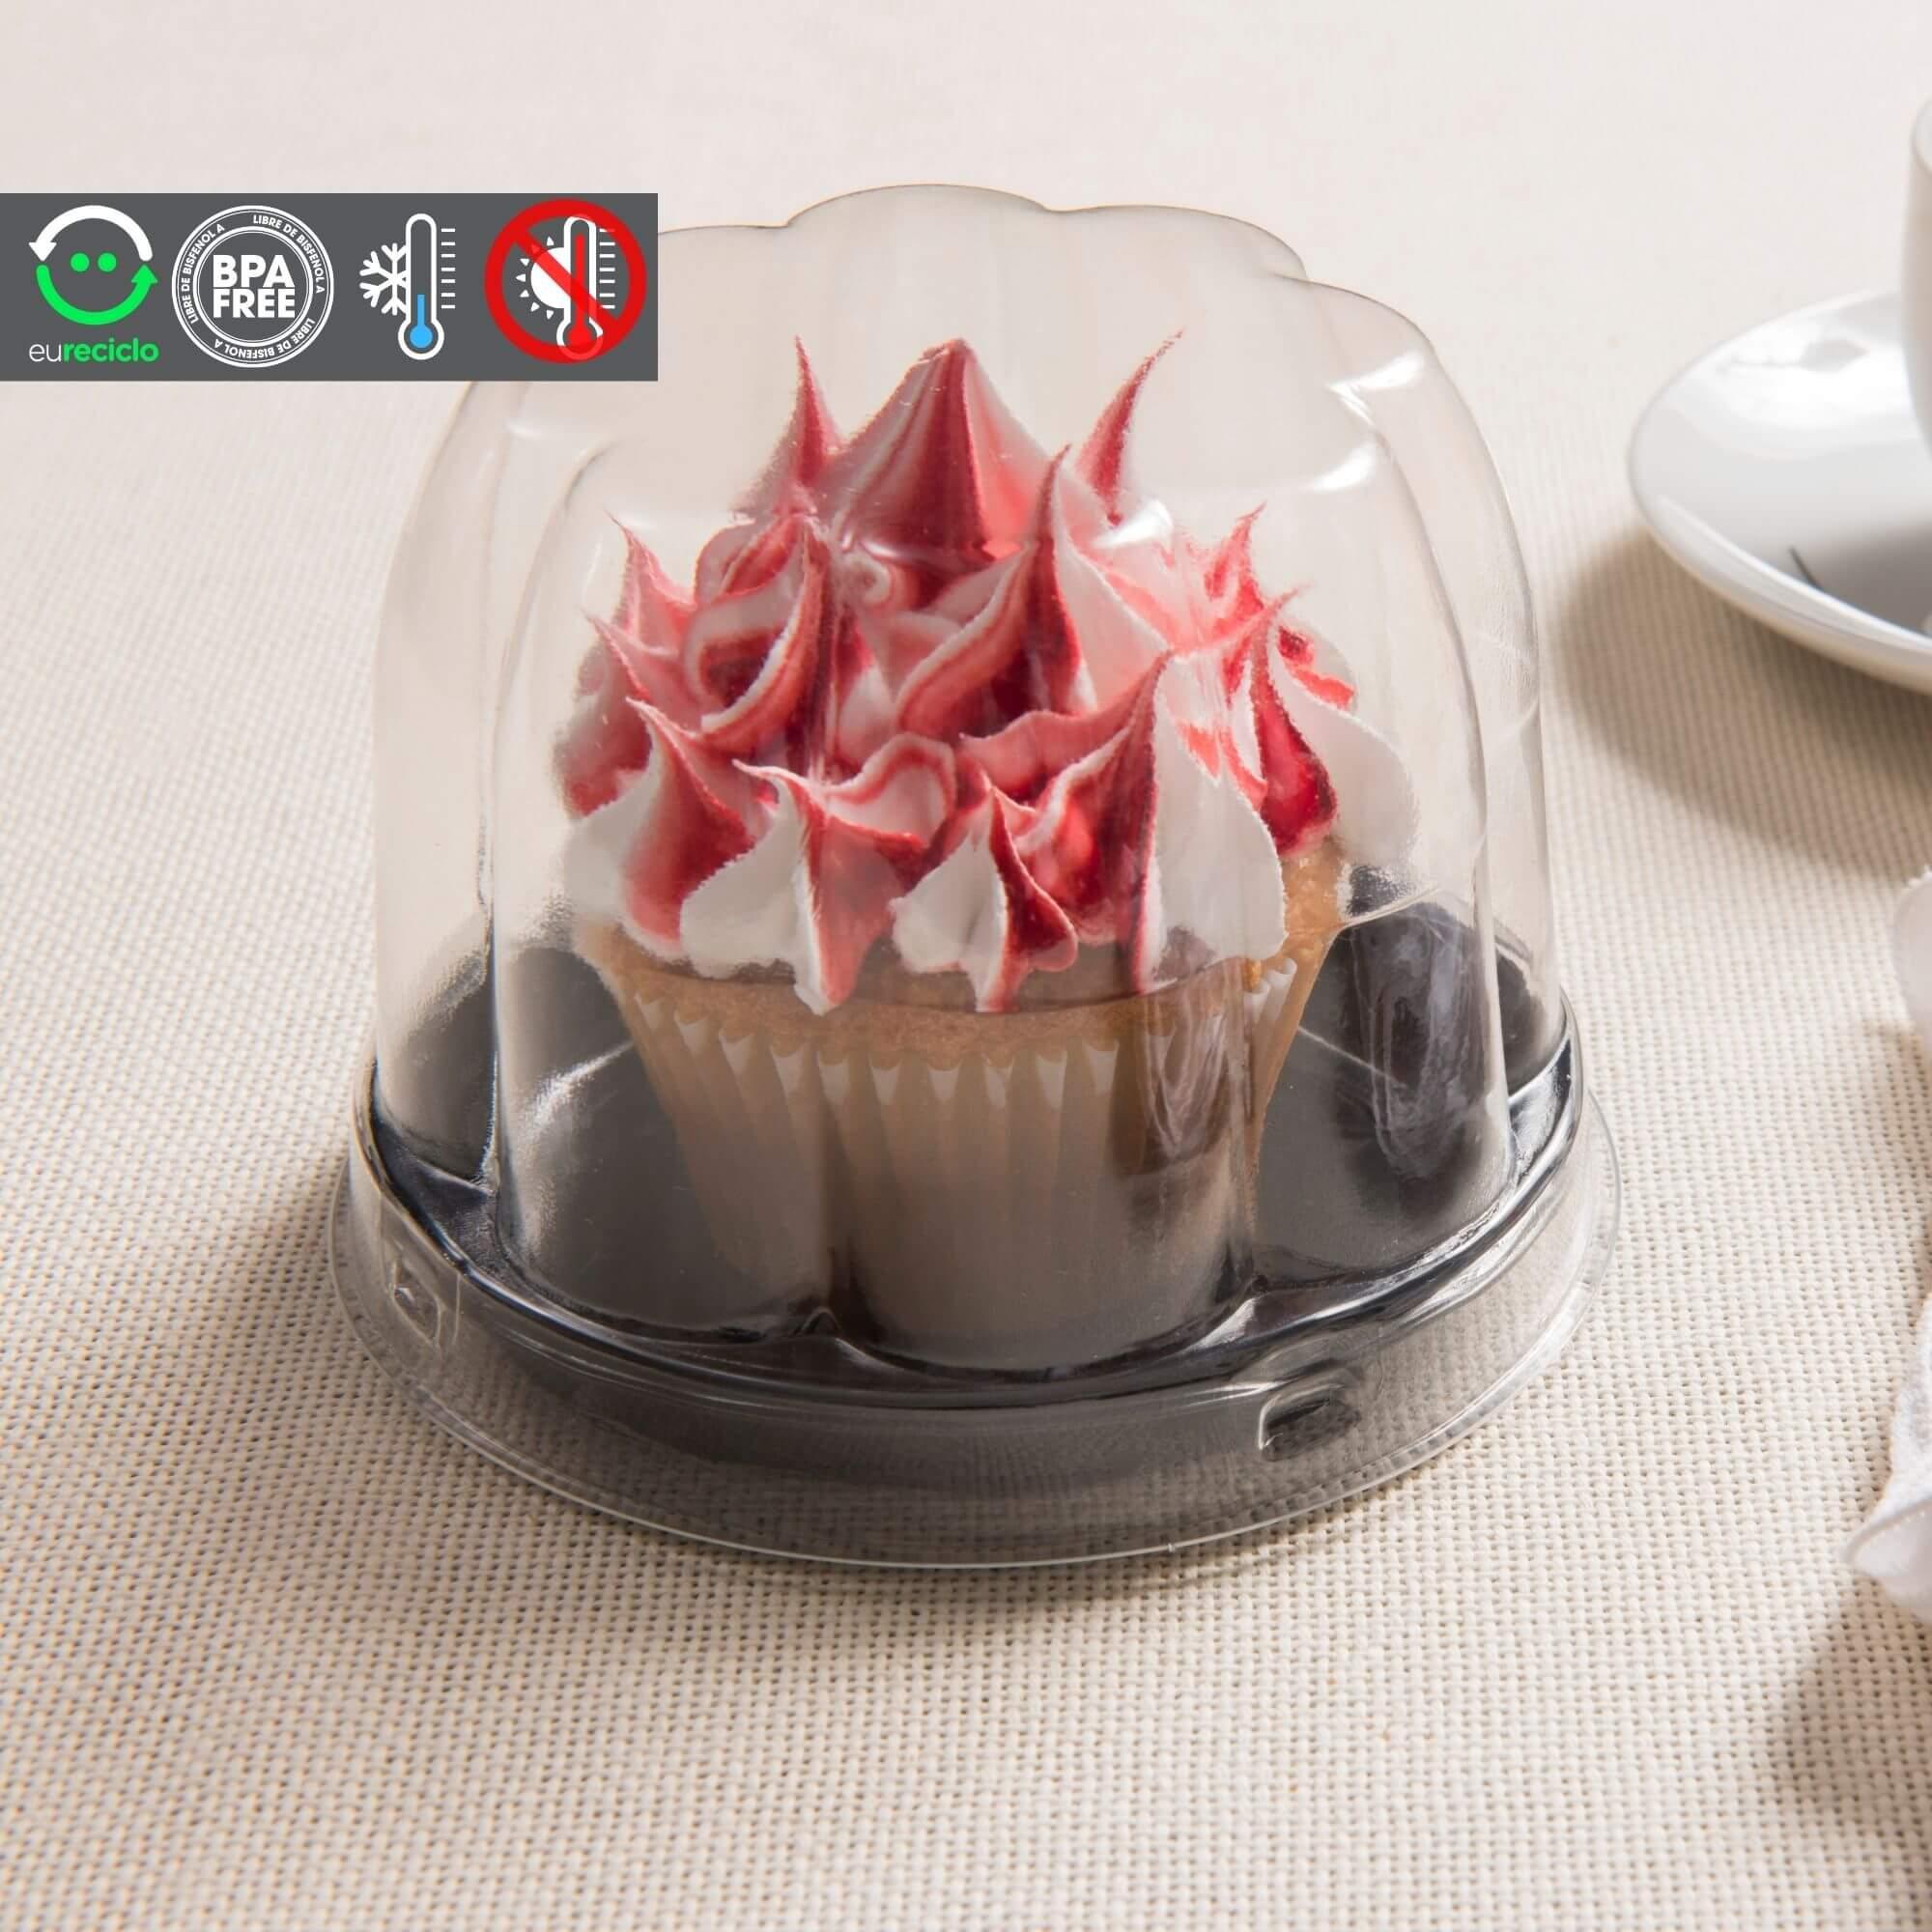 Embalagem para cupcake e minibolo - Galvanotek G690